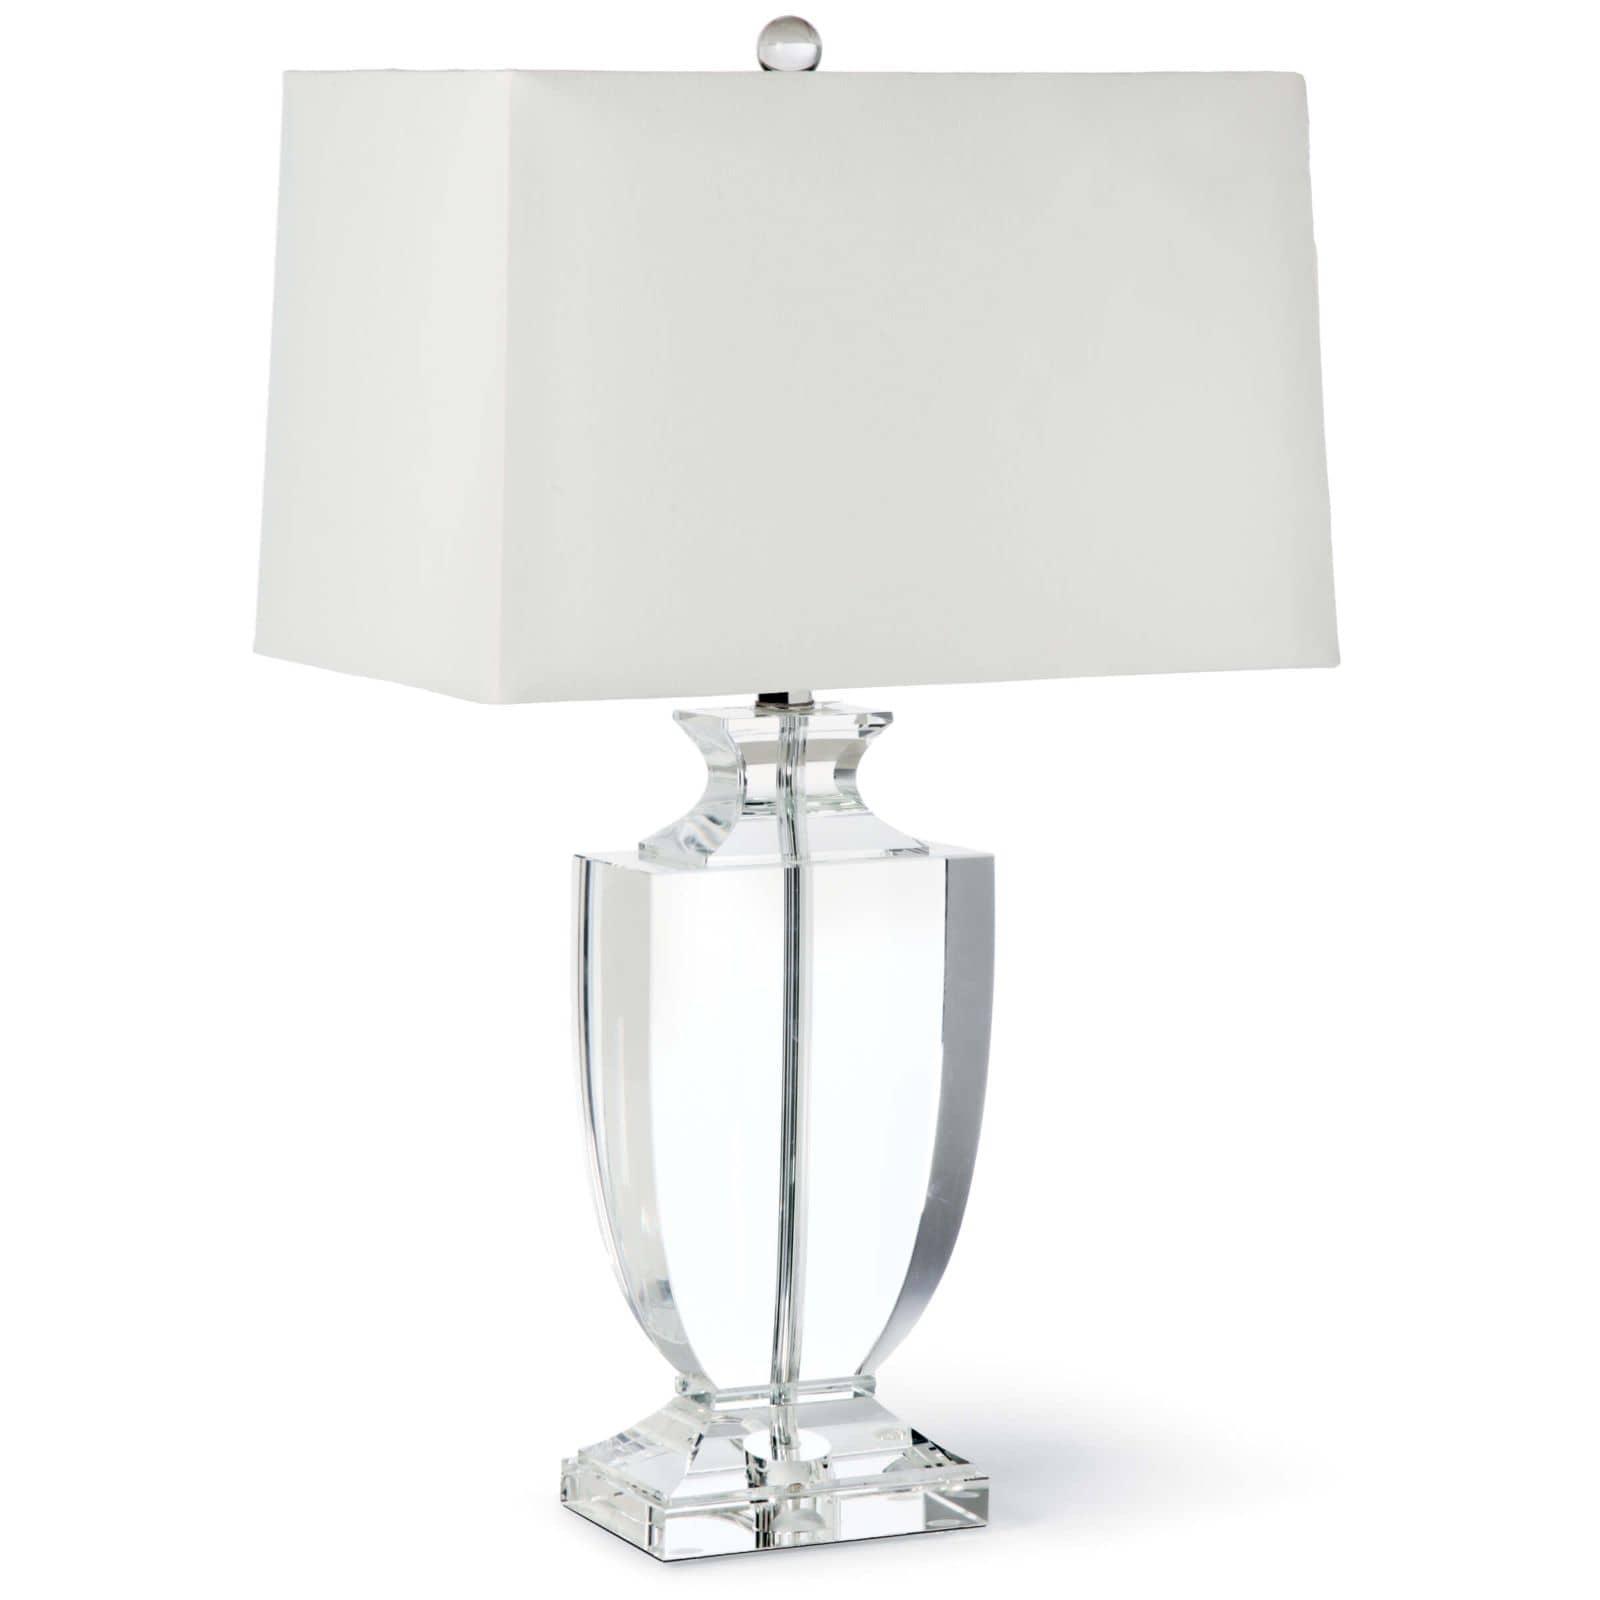 Phat Crystal Urn Table Lamp | Regina Andrew